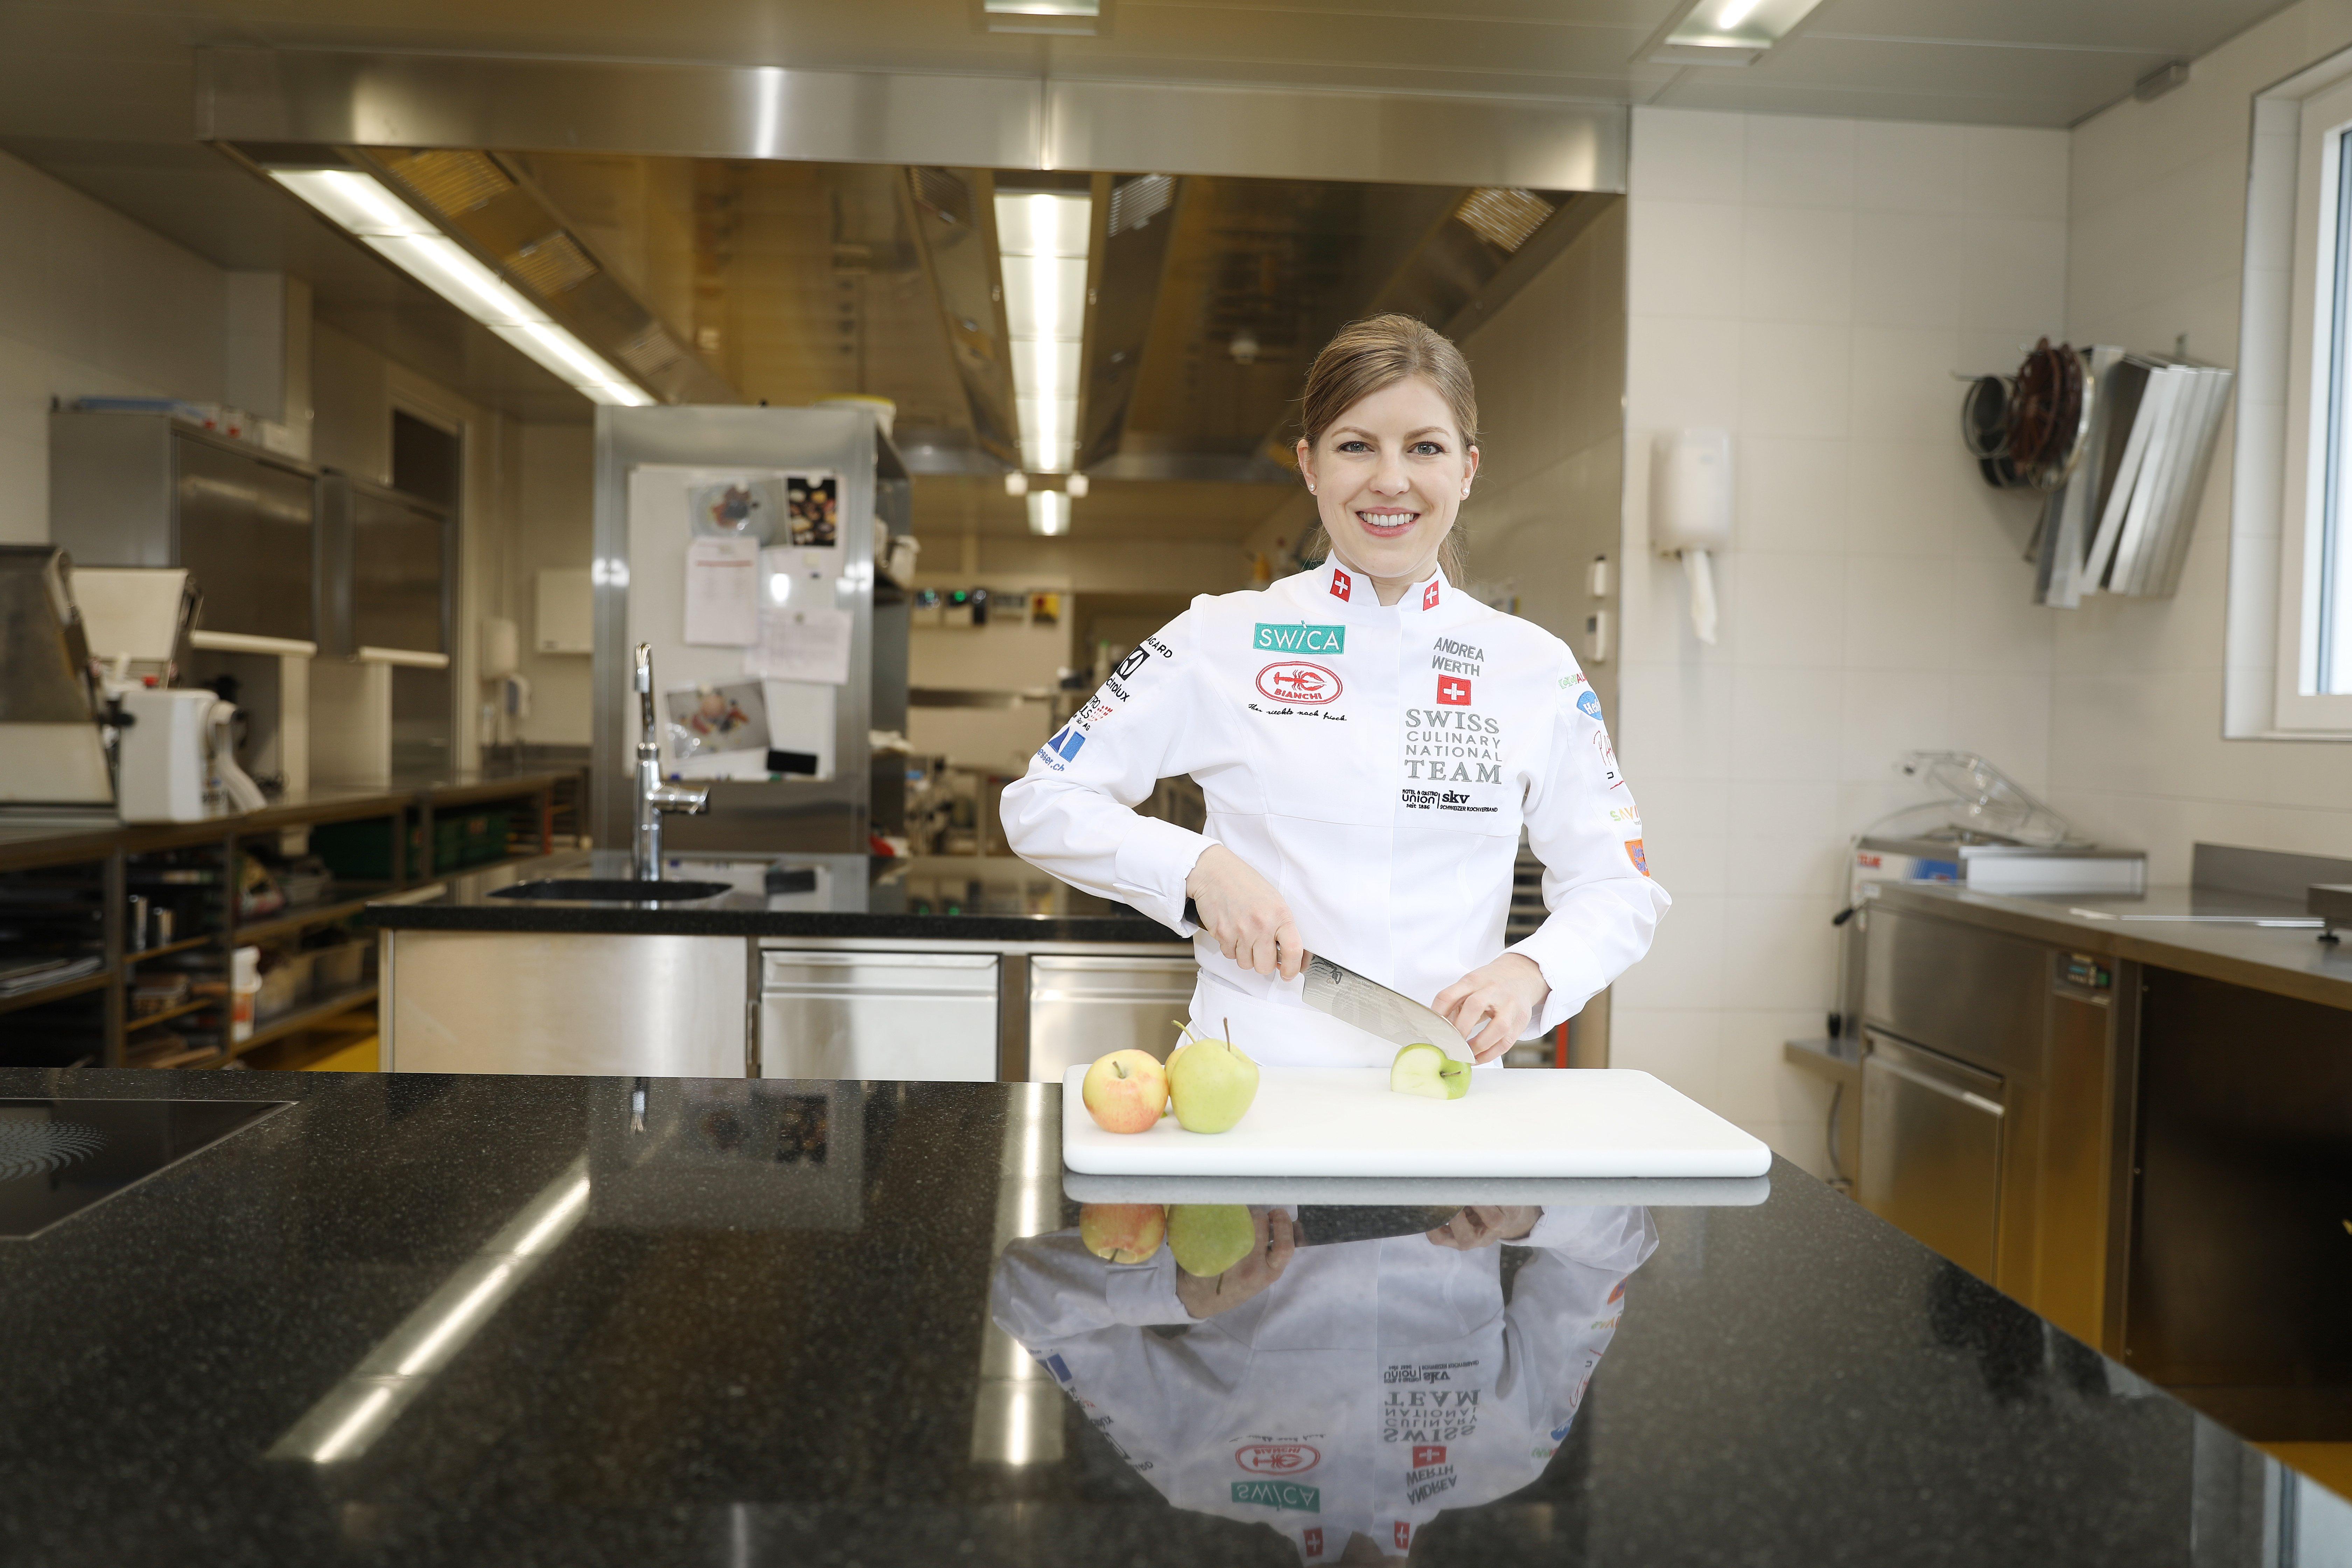 Andrea Werth studiert an der EHL Hotelfachschule Passugg und trainiert für die Kocholympiade